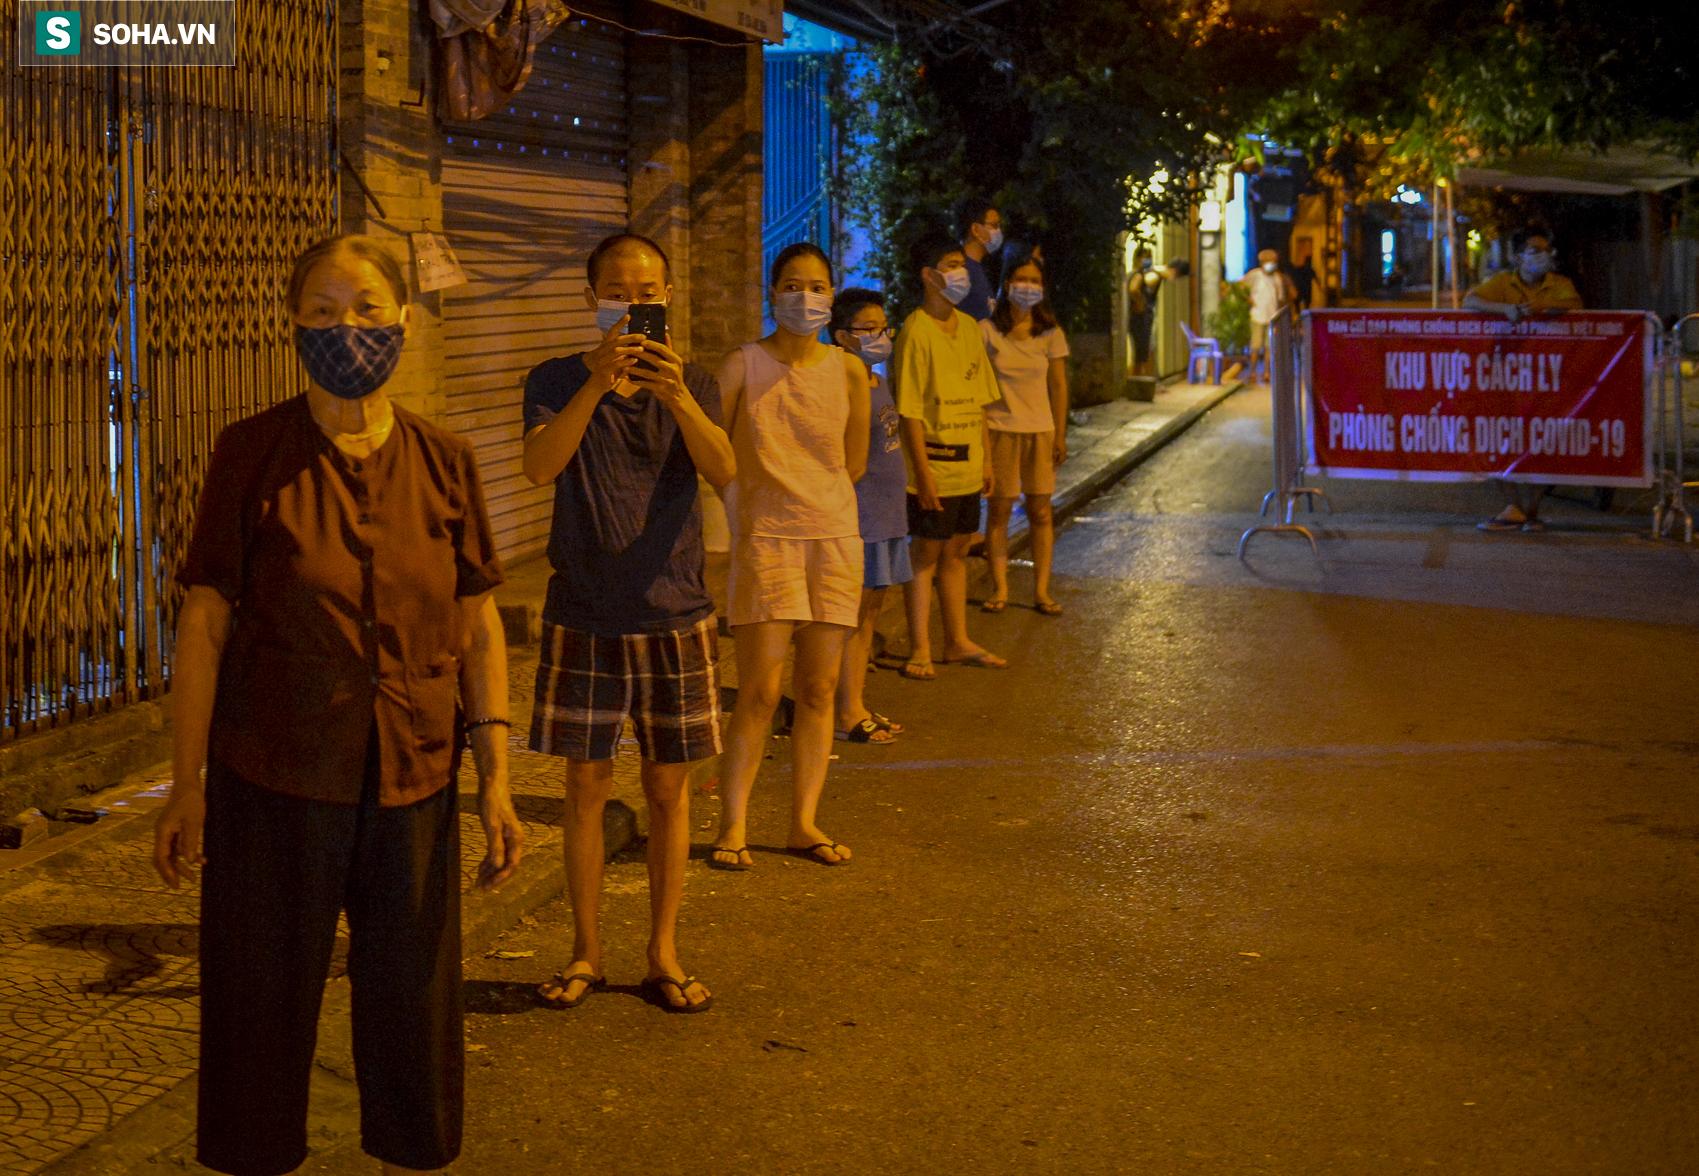 Hà Nội: Phát hiện 9 người dương tính SARS-CoV-2, lập tức lấy 5000 mẫu xét nghiệm trong đêm - Ảnh 1.